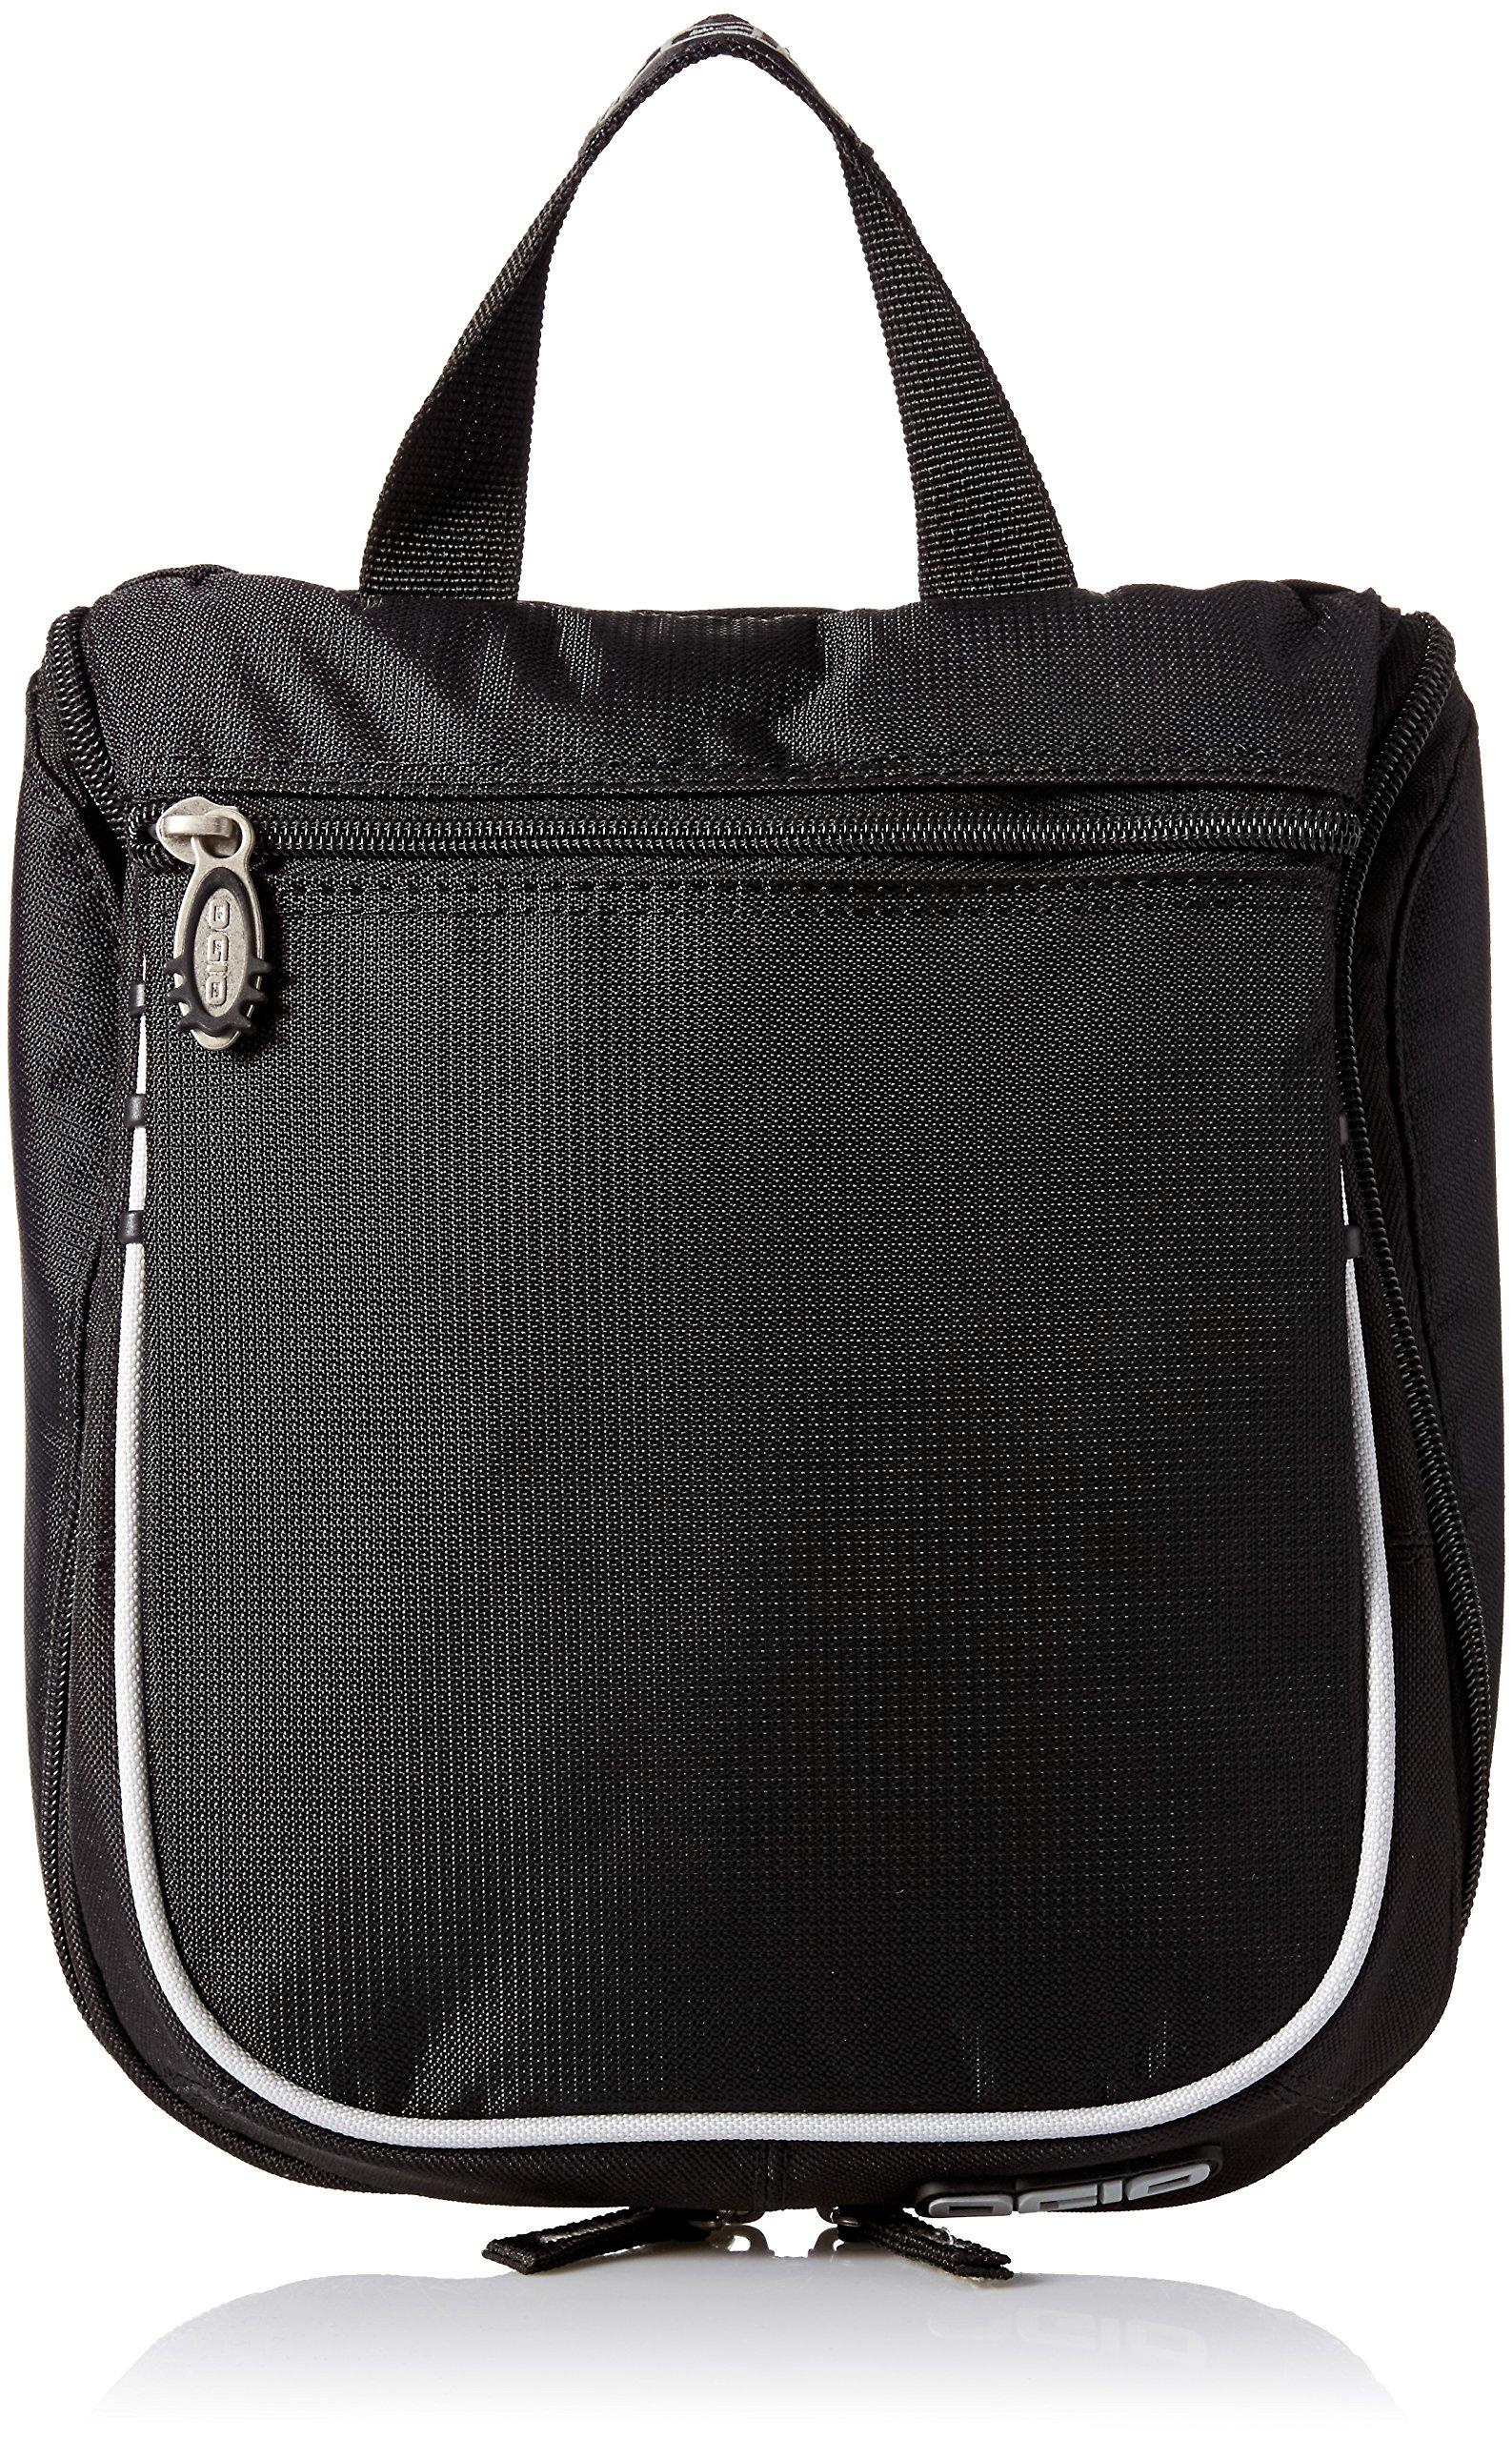 A11GAZLUByL - OGIO Doppler Travel Kit, Black, 24 cm-4 Litre